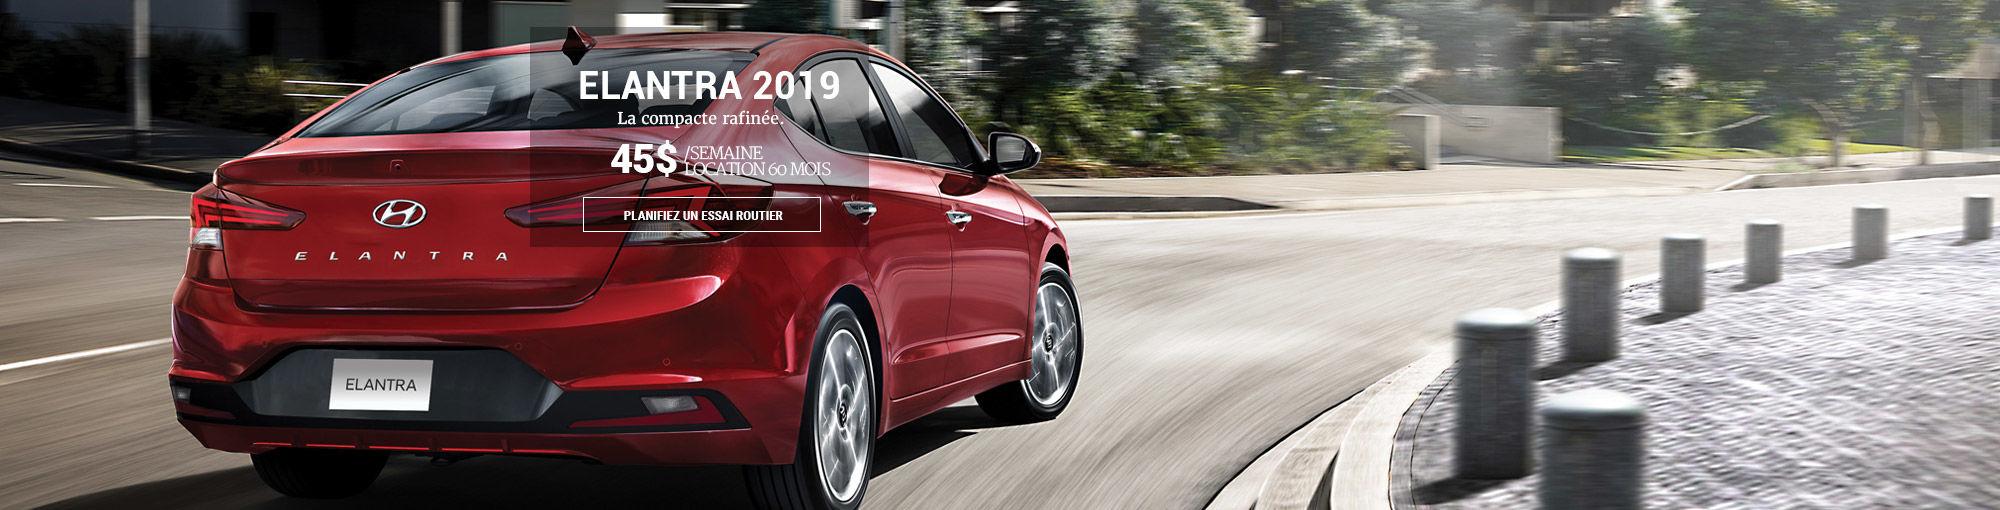 Hyundai elantra header 2019-  octobre